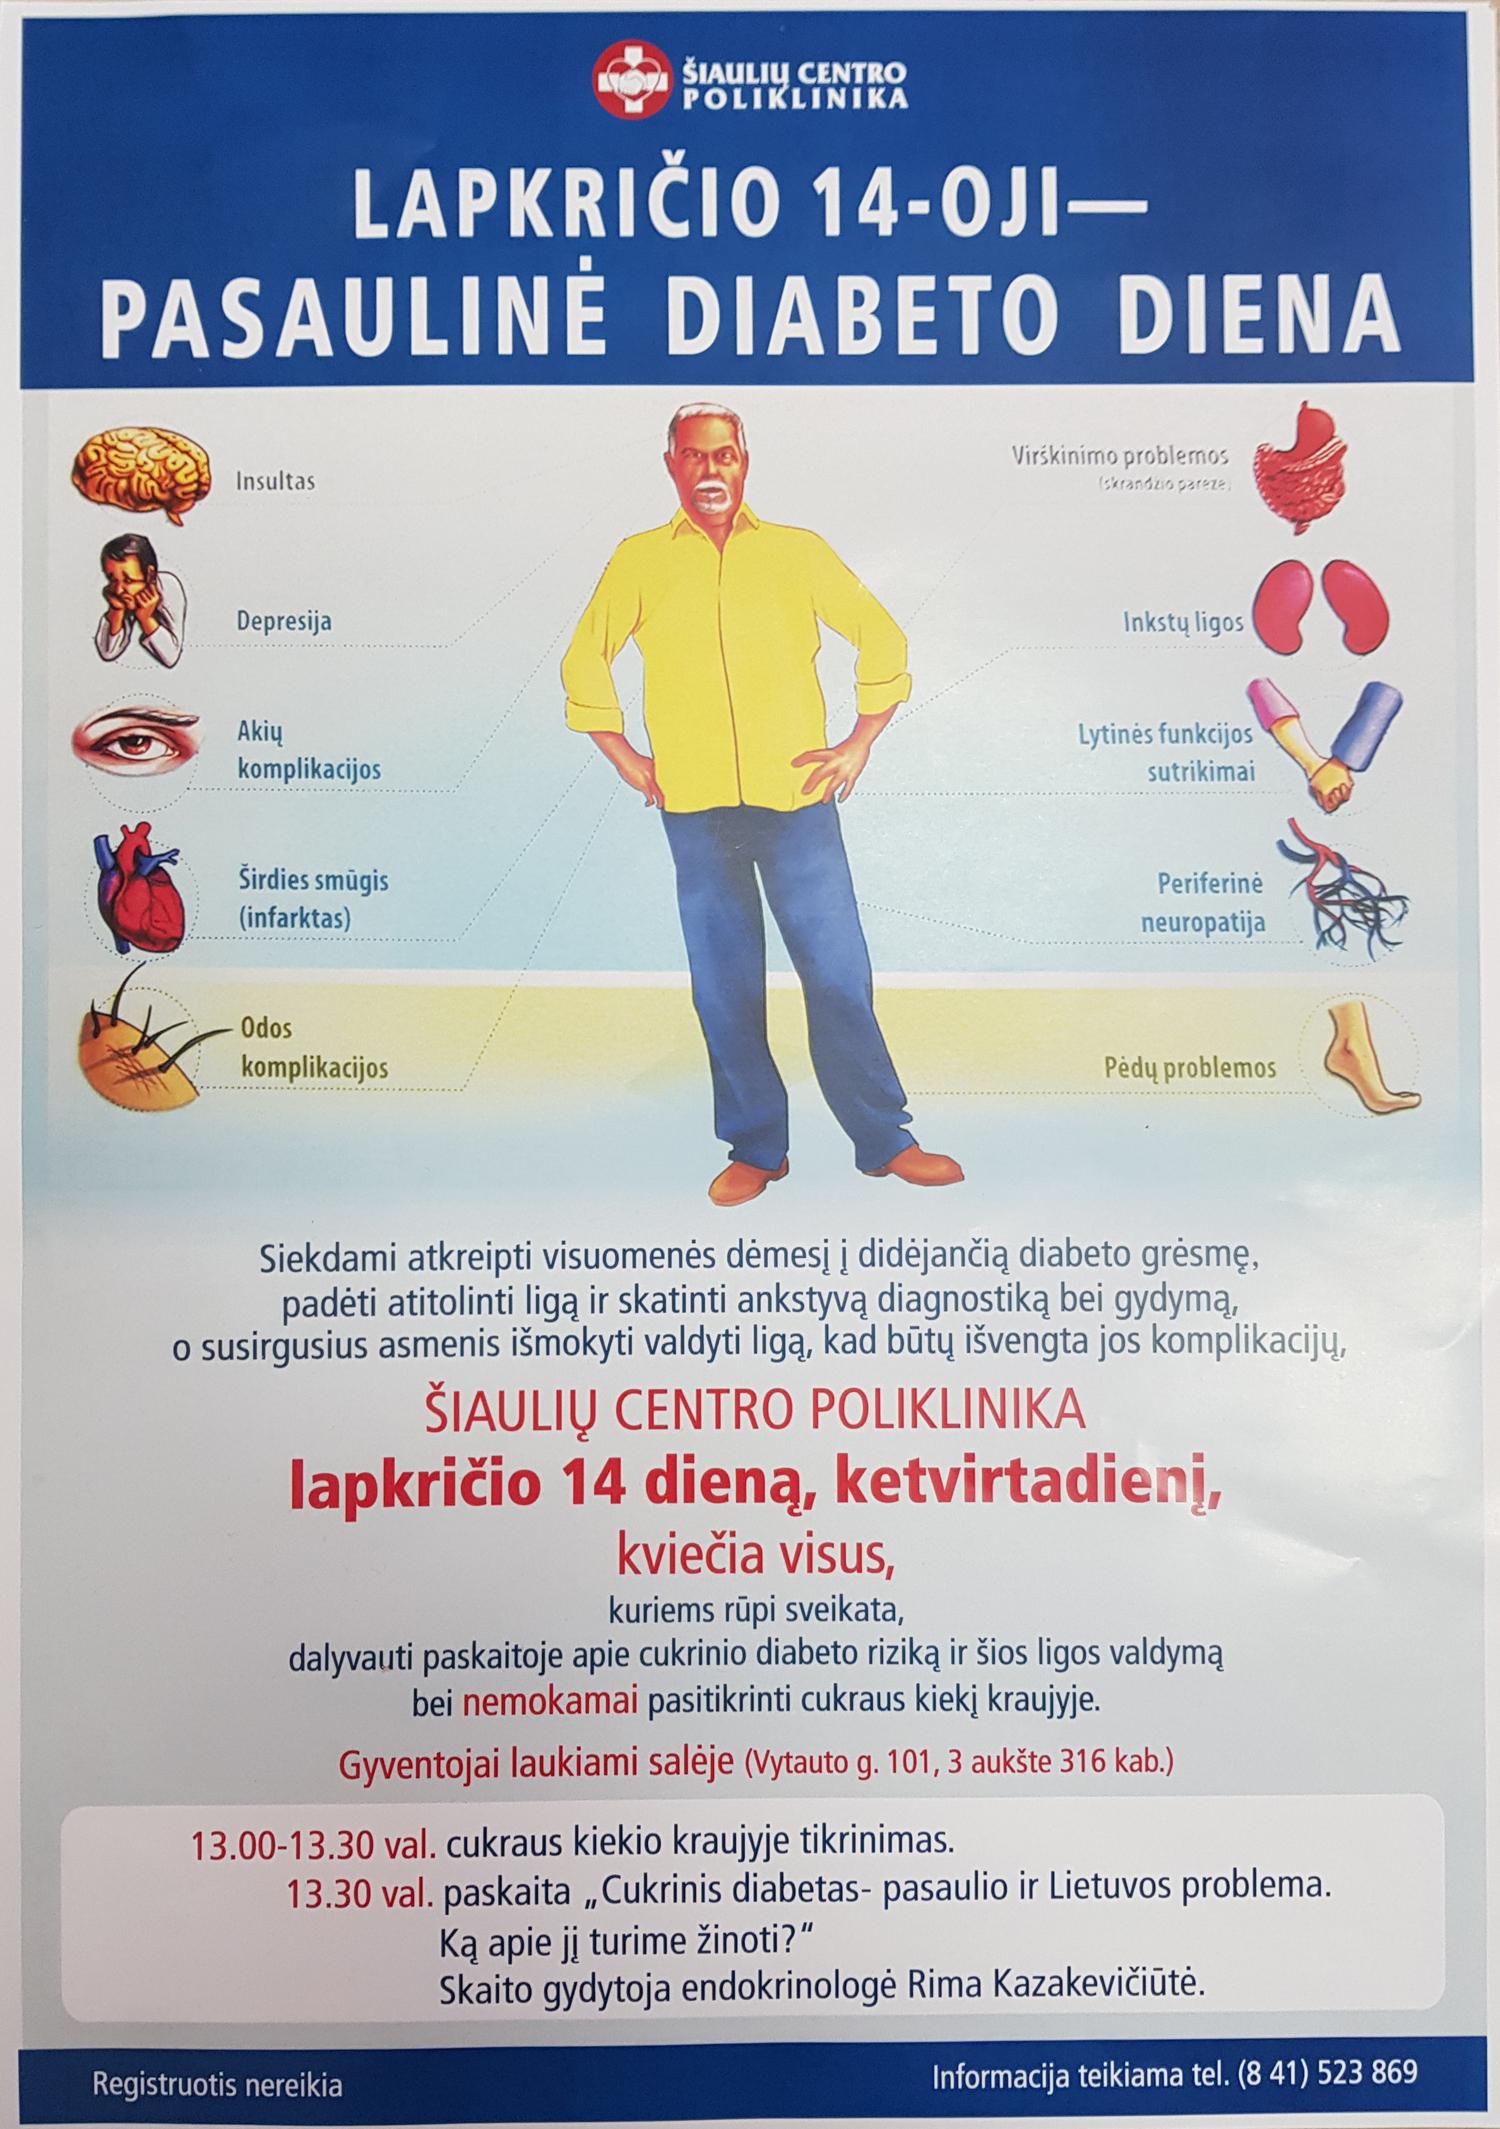 hipertenzija kaip diabeto komplikacija patyrė hipertenziją